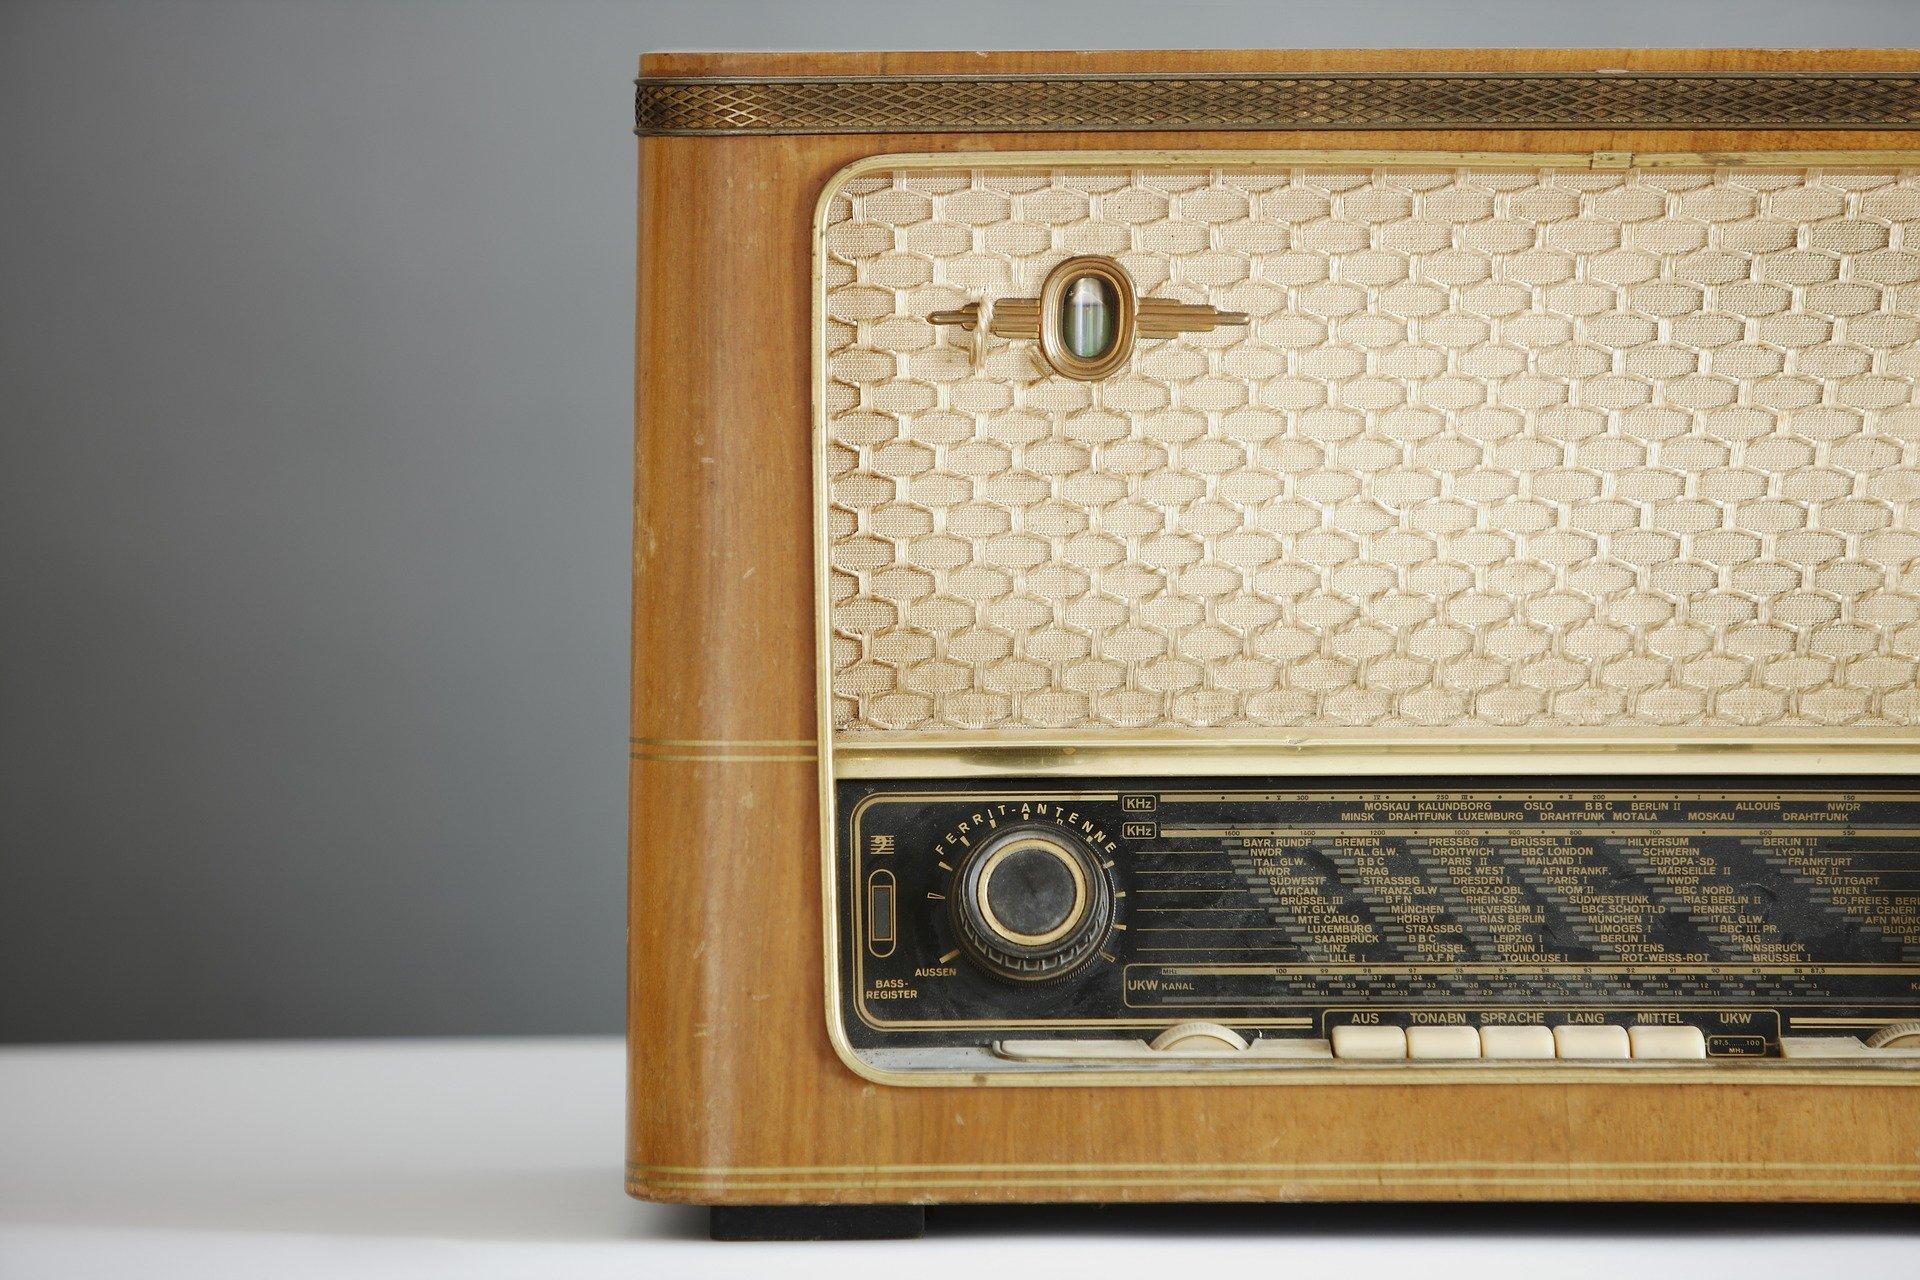 Kabelfernsehen Radio Hören Nach Der Analogabschaltung Euronics Trendblog